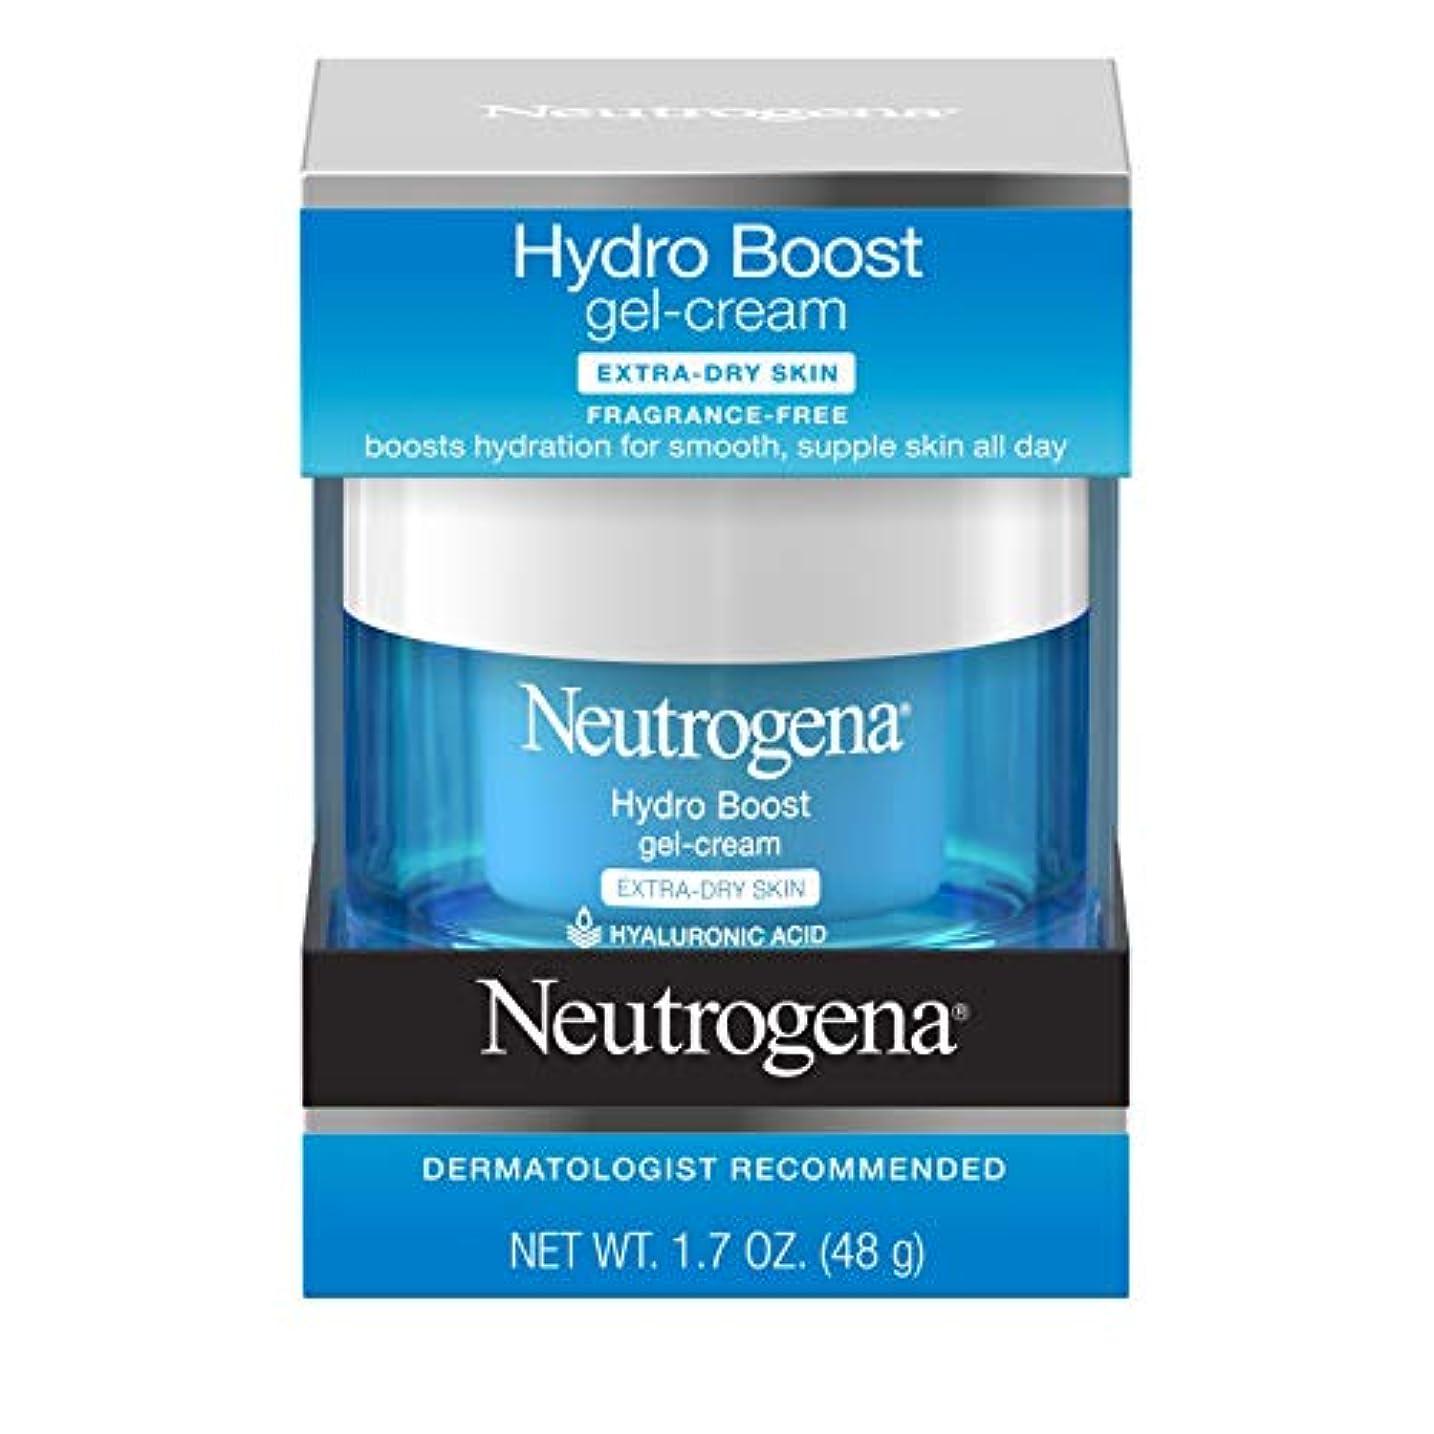 分析的なステージに応じてNeutrogena Hydro Boost Gel Cream, Extra Dry Skin, 1.7 Ounce  海外直送品?並行輸入品